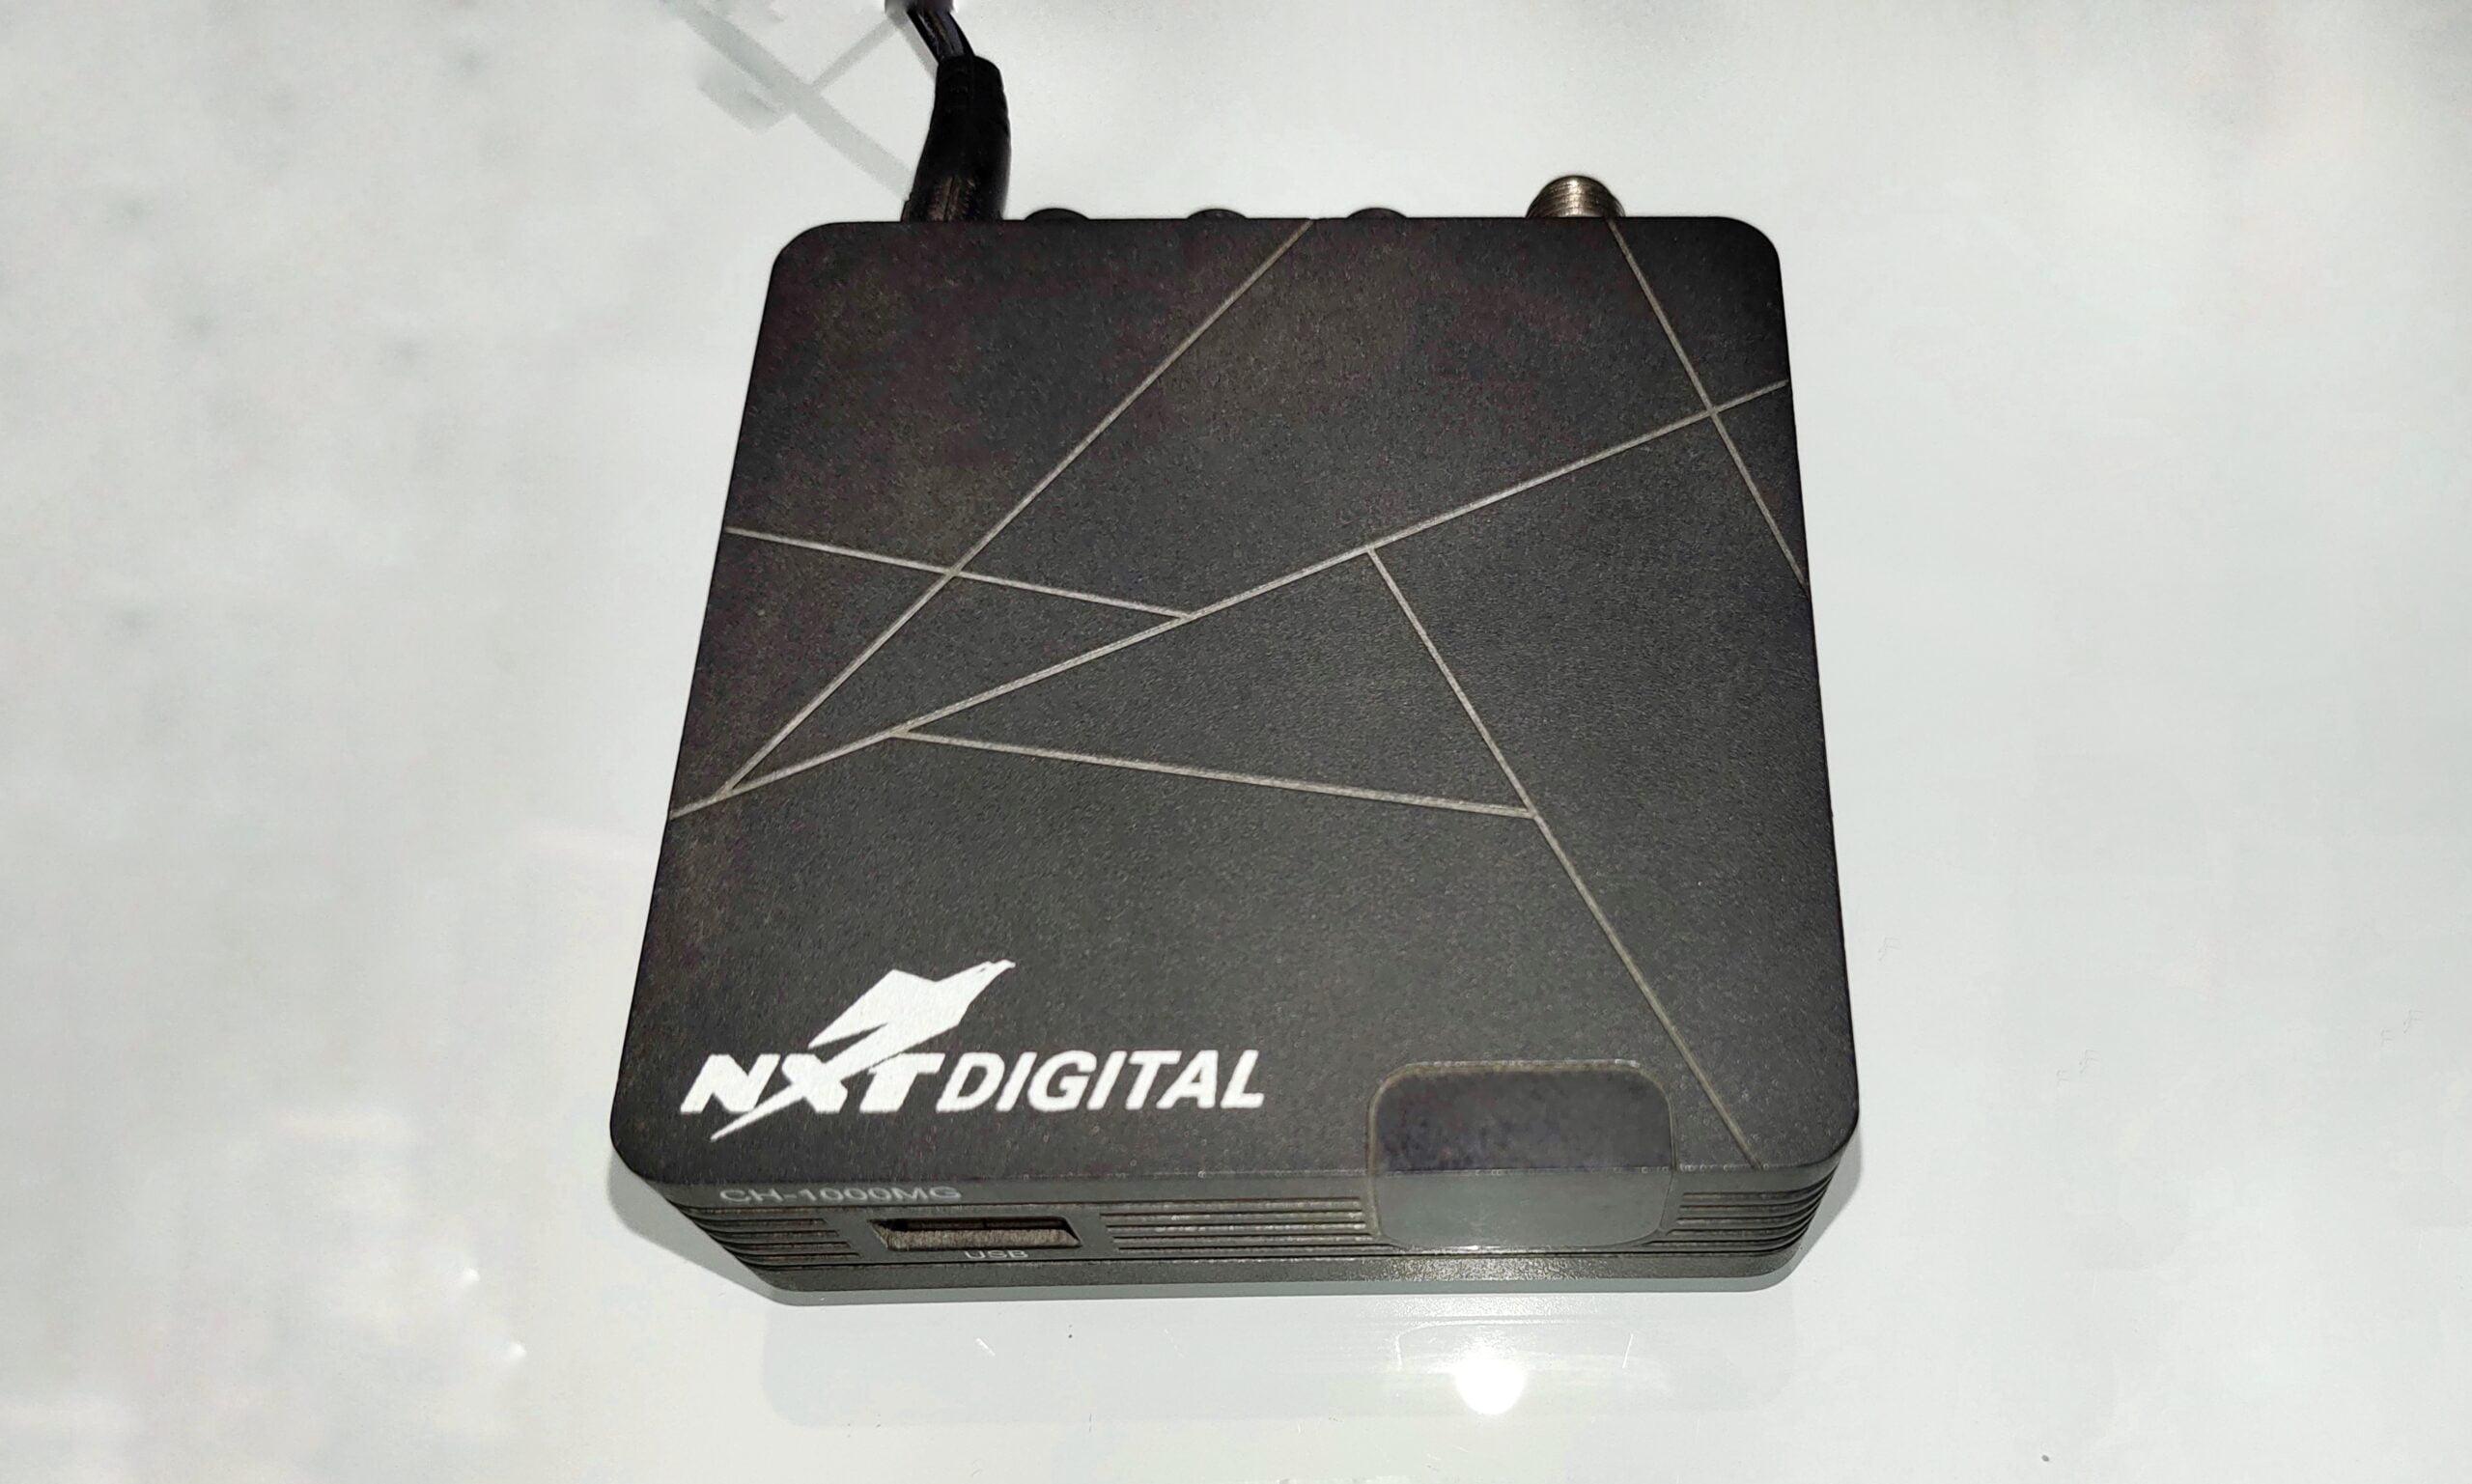 NXT Digital STB